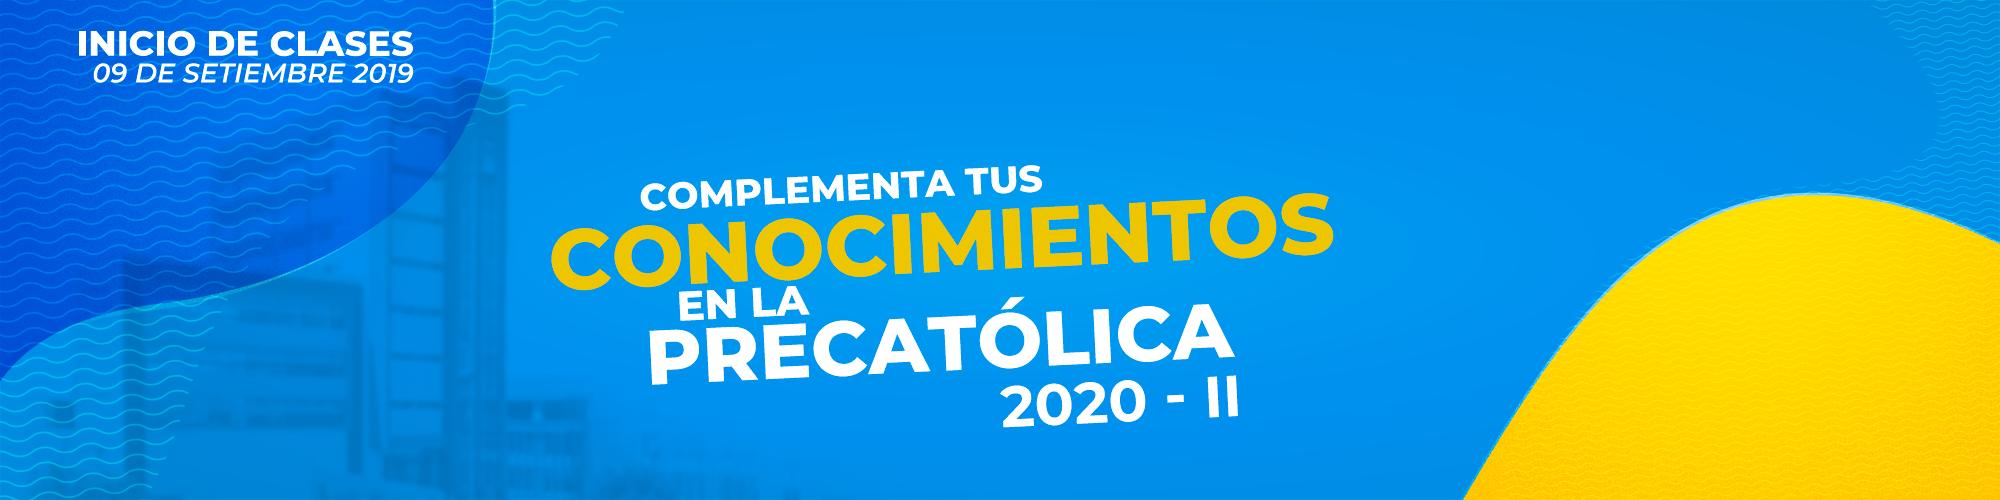 Precatolica 2020